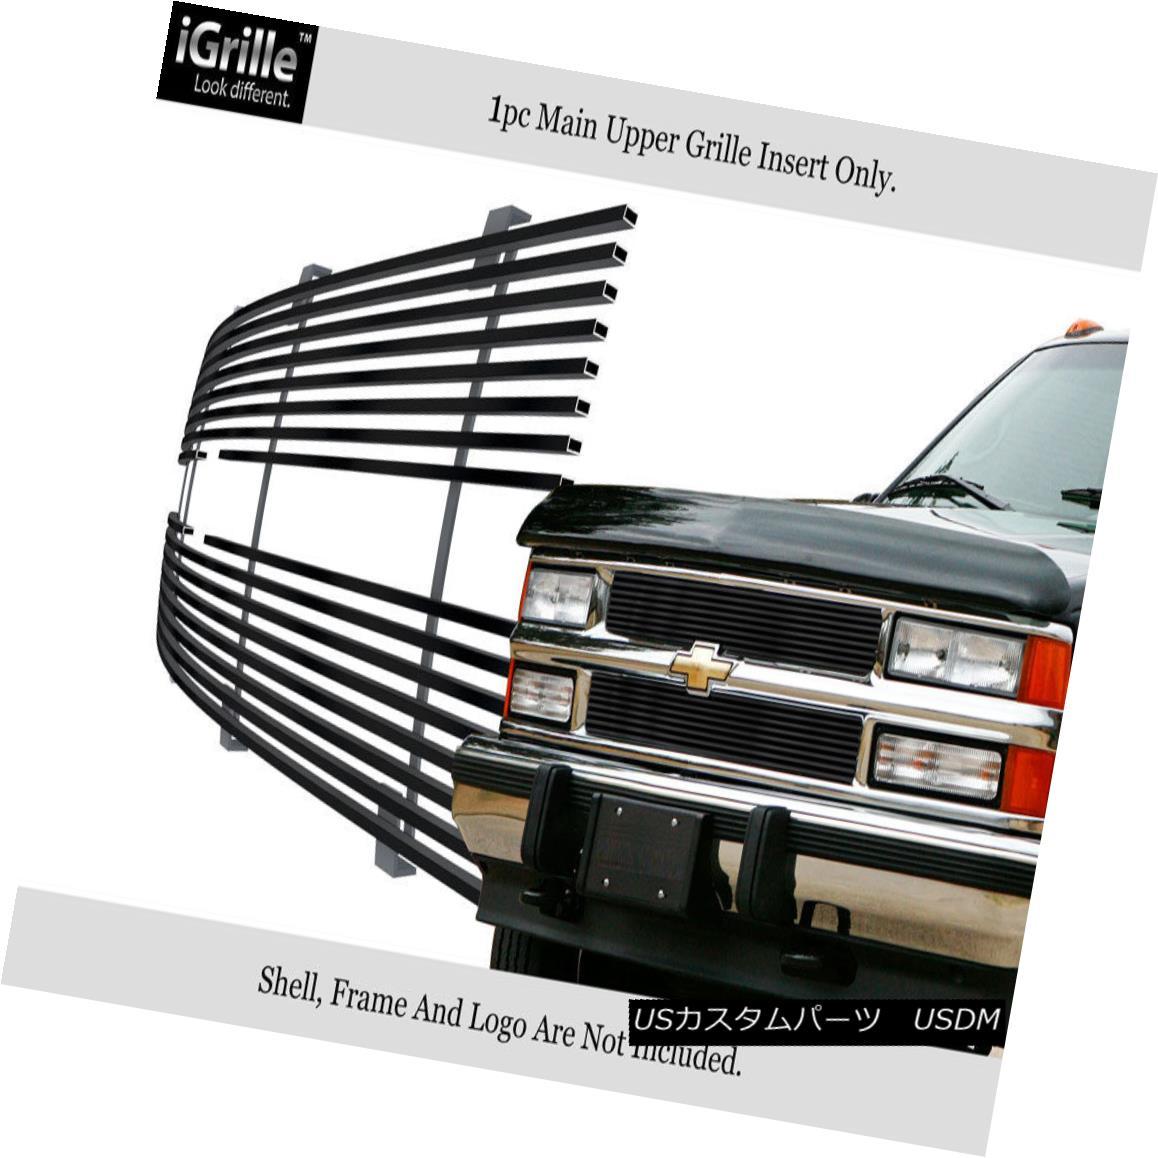 グリル Fits 88-93 Chevy C/K Pickup/Suburban/Blazer Black Stainless Steel Billet Grille 88-93 Chevy C / K Pickup / Suburba n / Blazer Blackステンレス鋼ビレットグリル